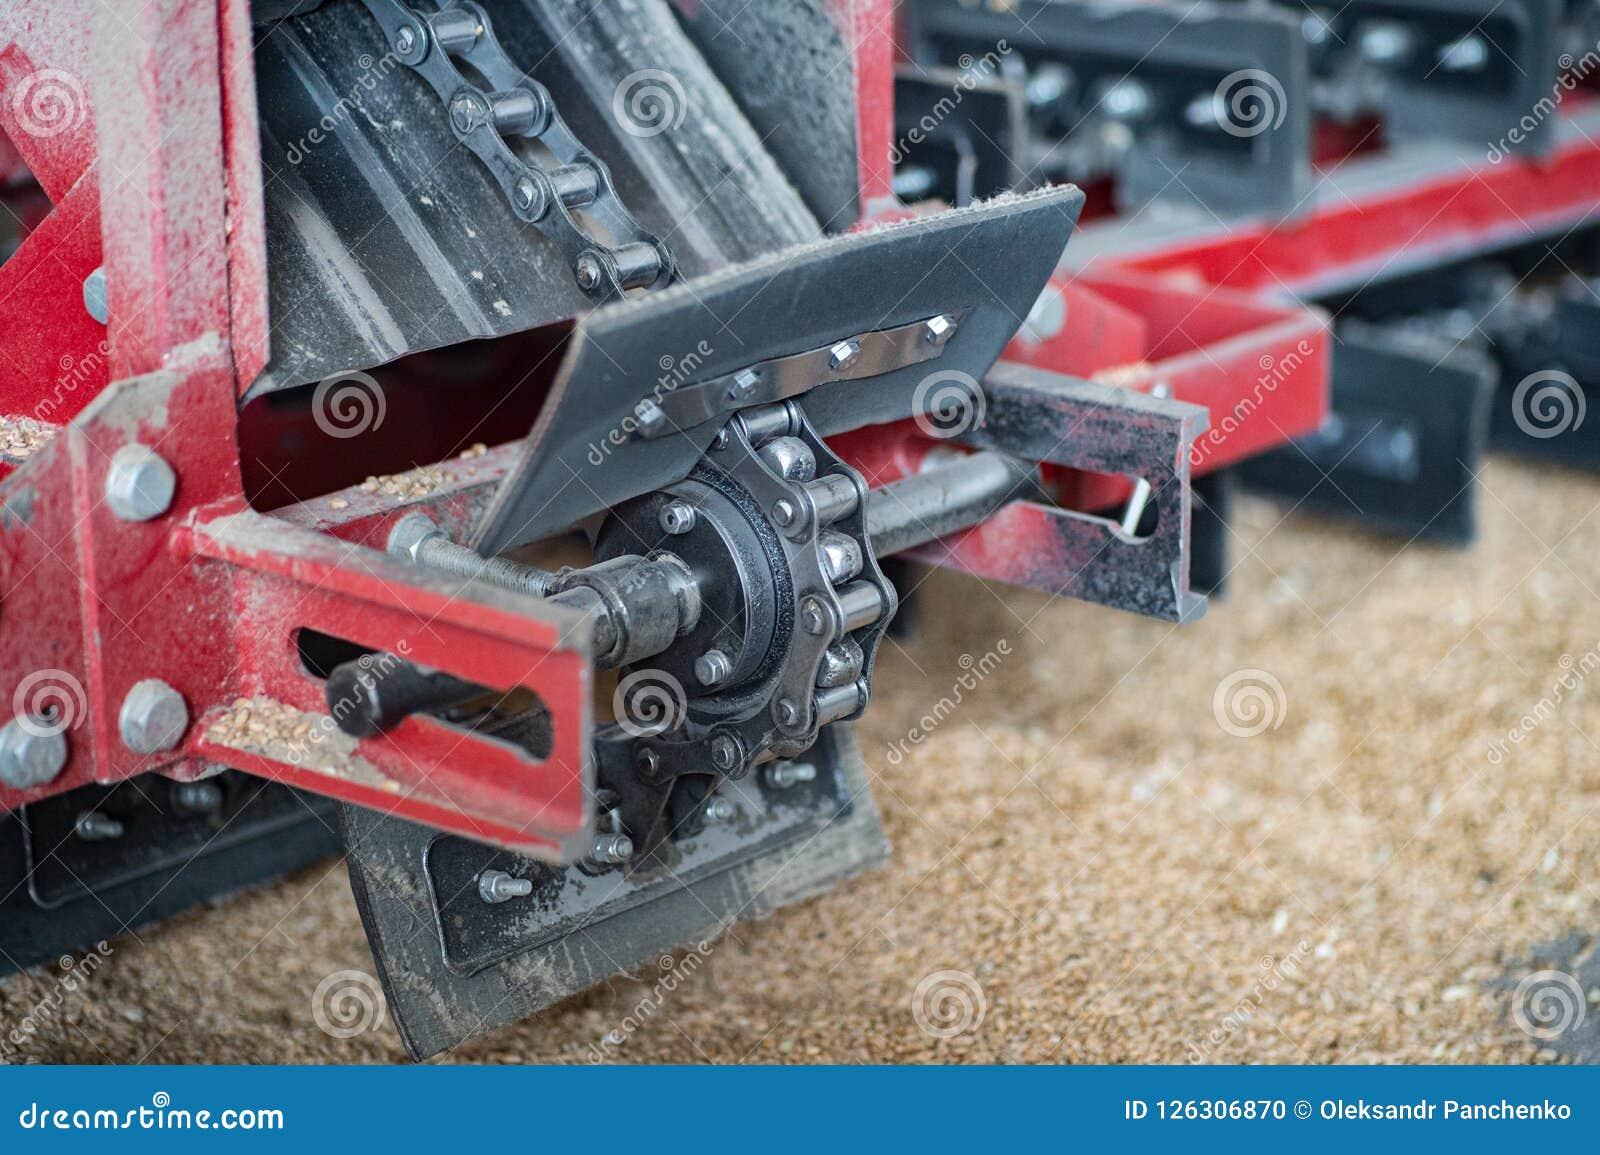 Μηχανισμός μεταφορέων αλυσίδων για τον καθαρισμό του σιταριού, κάνναβη